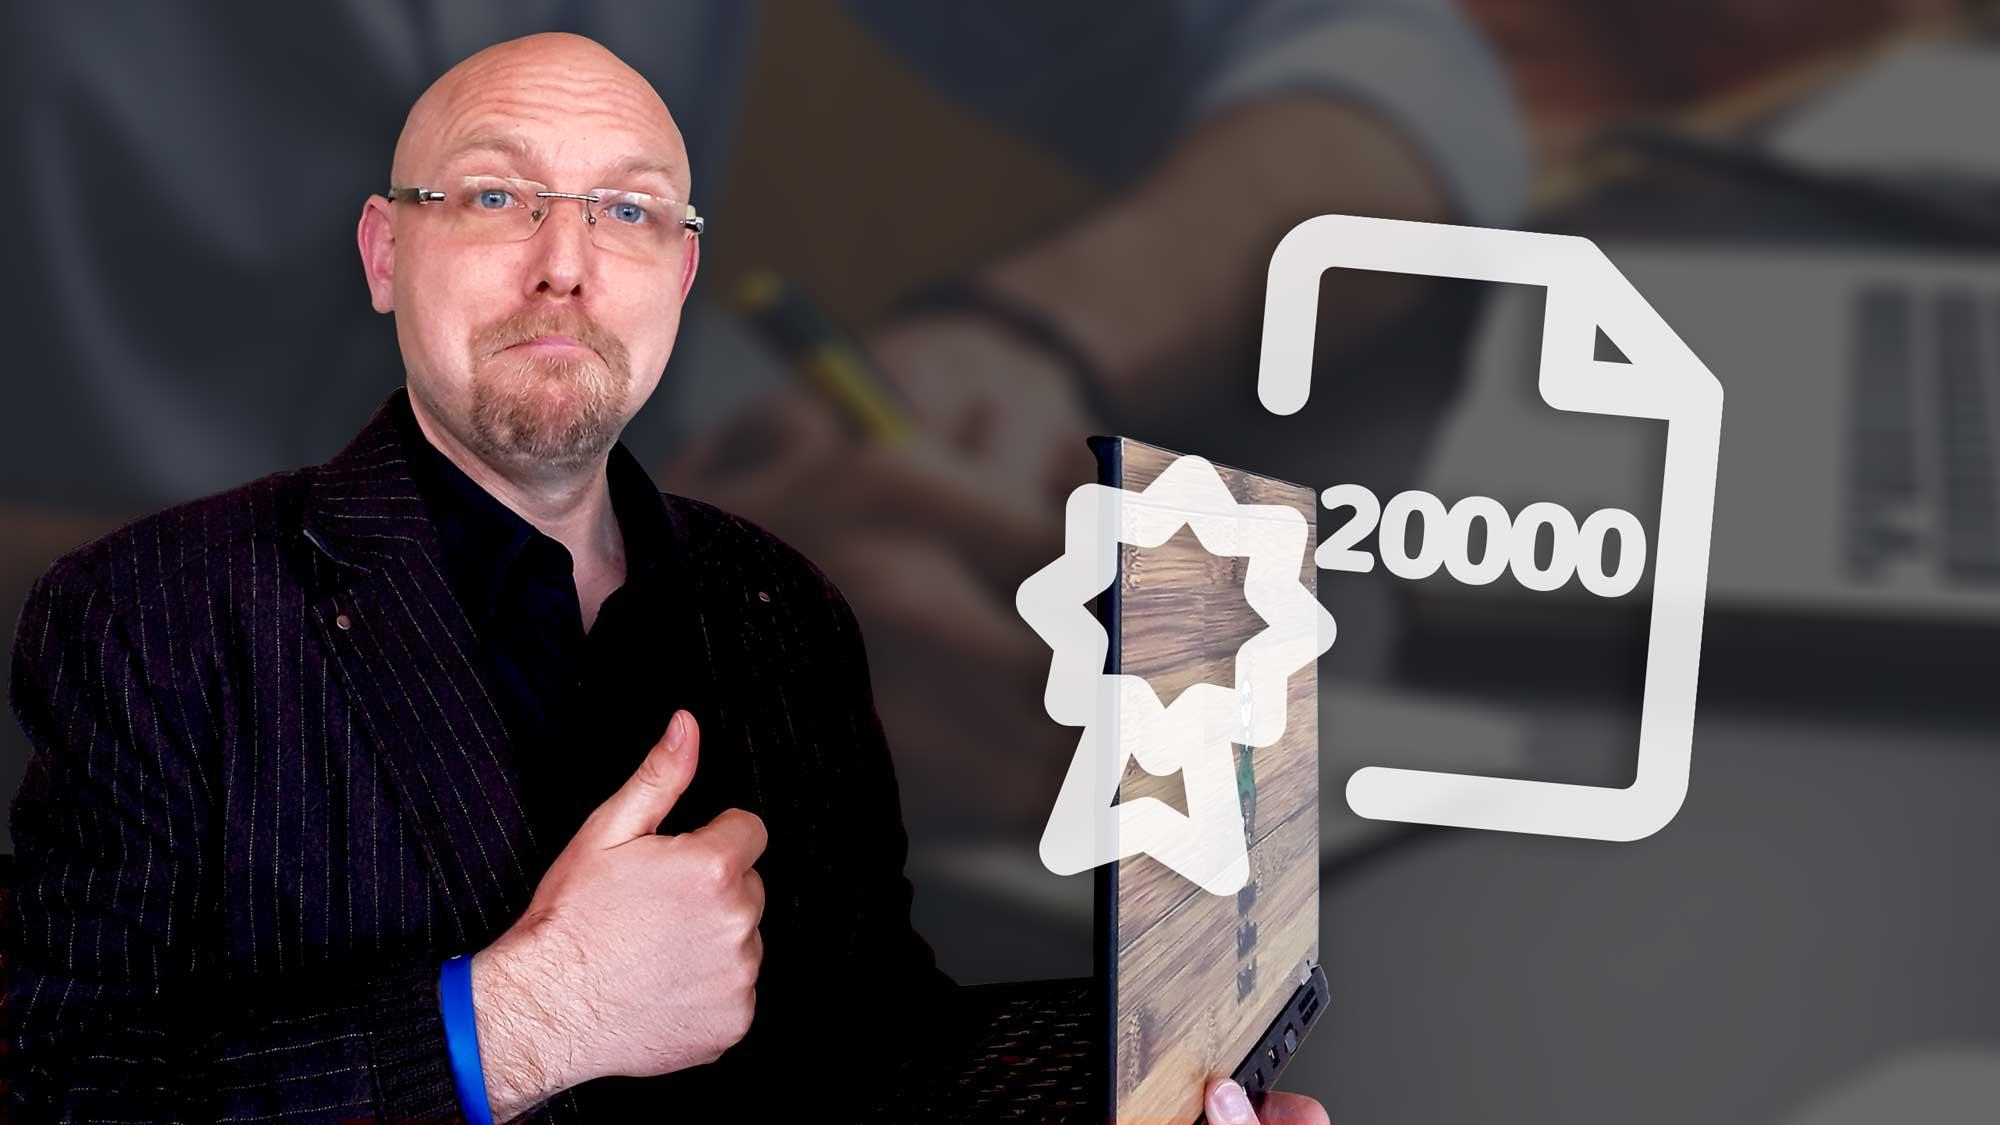 pohled na Jaru, který má palec nahoru před ikonou ISO 2000